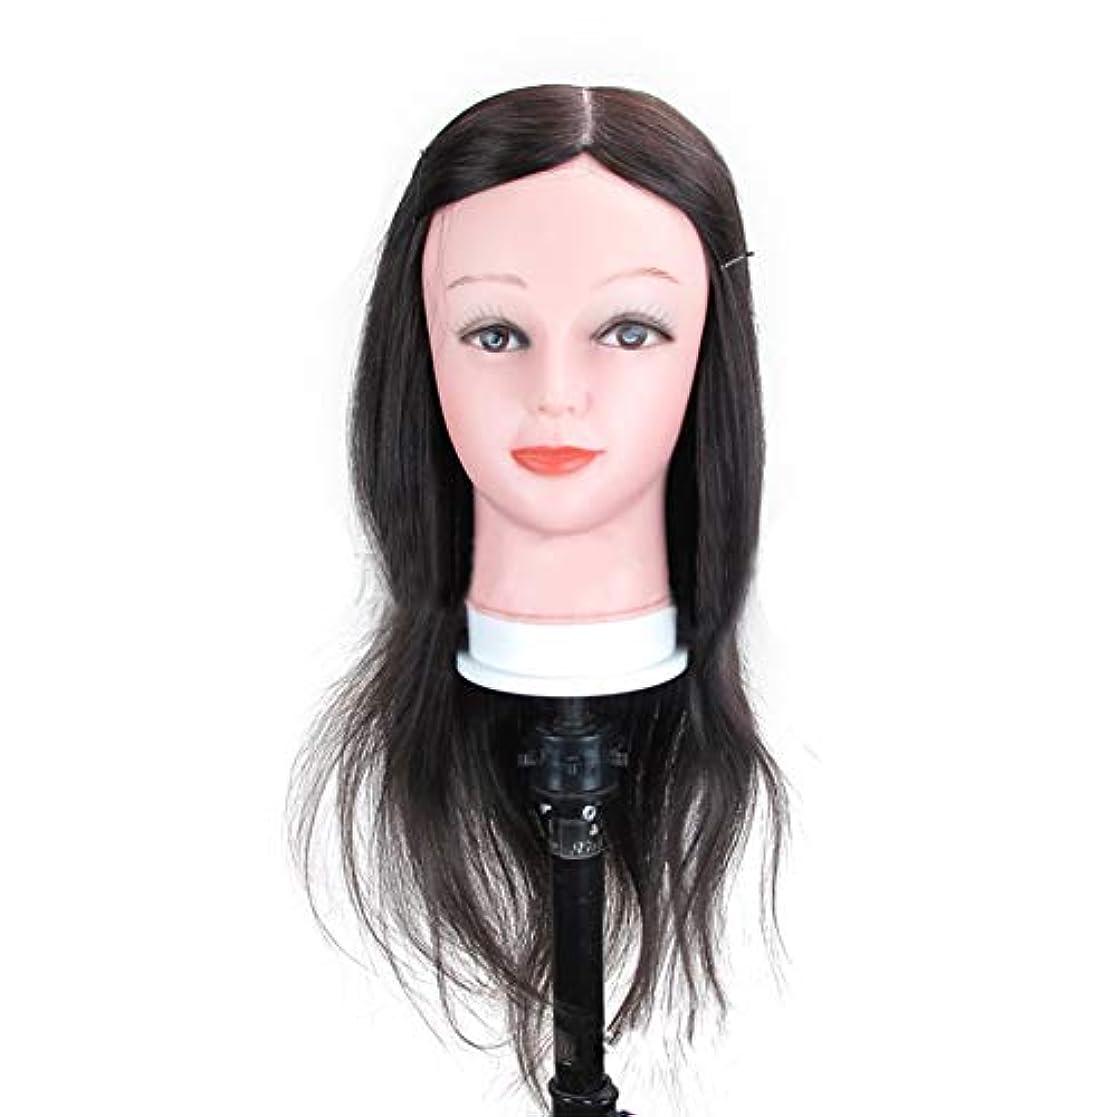 エージェント宿泊施設外交本物の人間の髪の練習ヘッドモデルヘアサロンは熱い染めモデルヘッドメイクモデリング学習ダミーヘッド